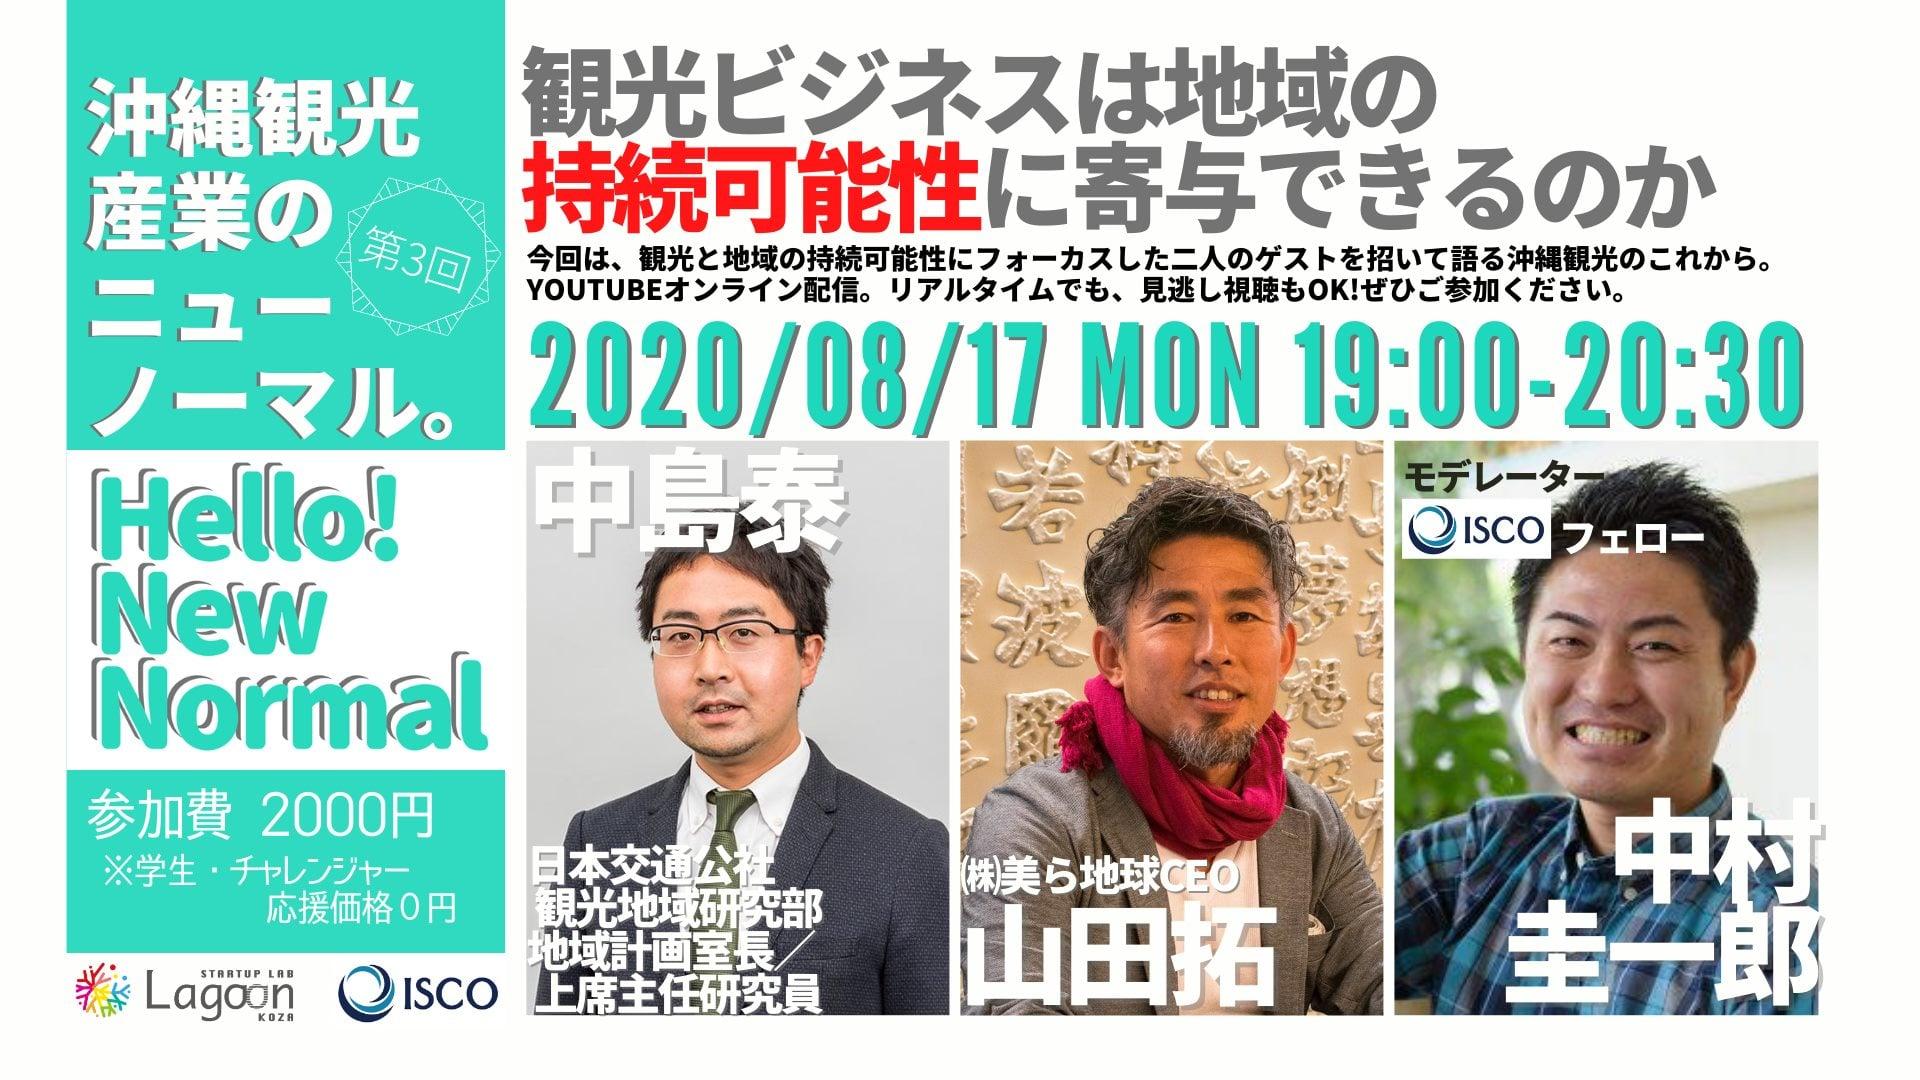 Hello! New Normal 沖縄観光のニューノーマル。第3回 〜観光ビジネスは地域の持続可能性に寄与できるのか〜が開催されました。